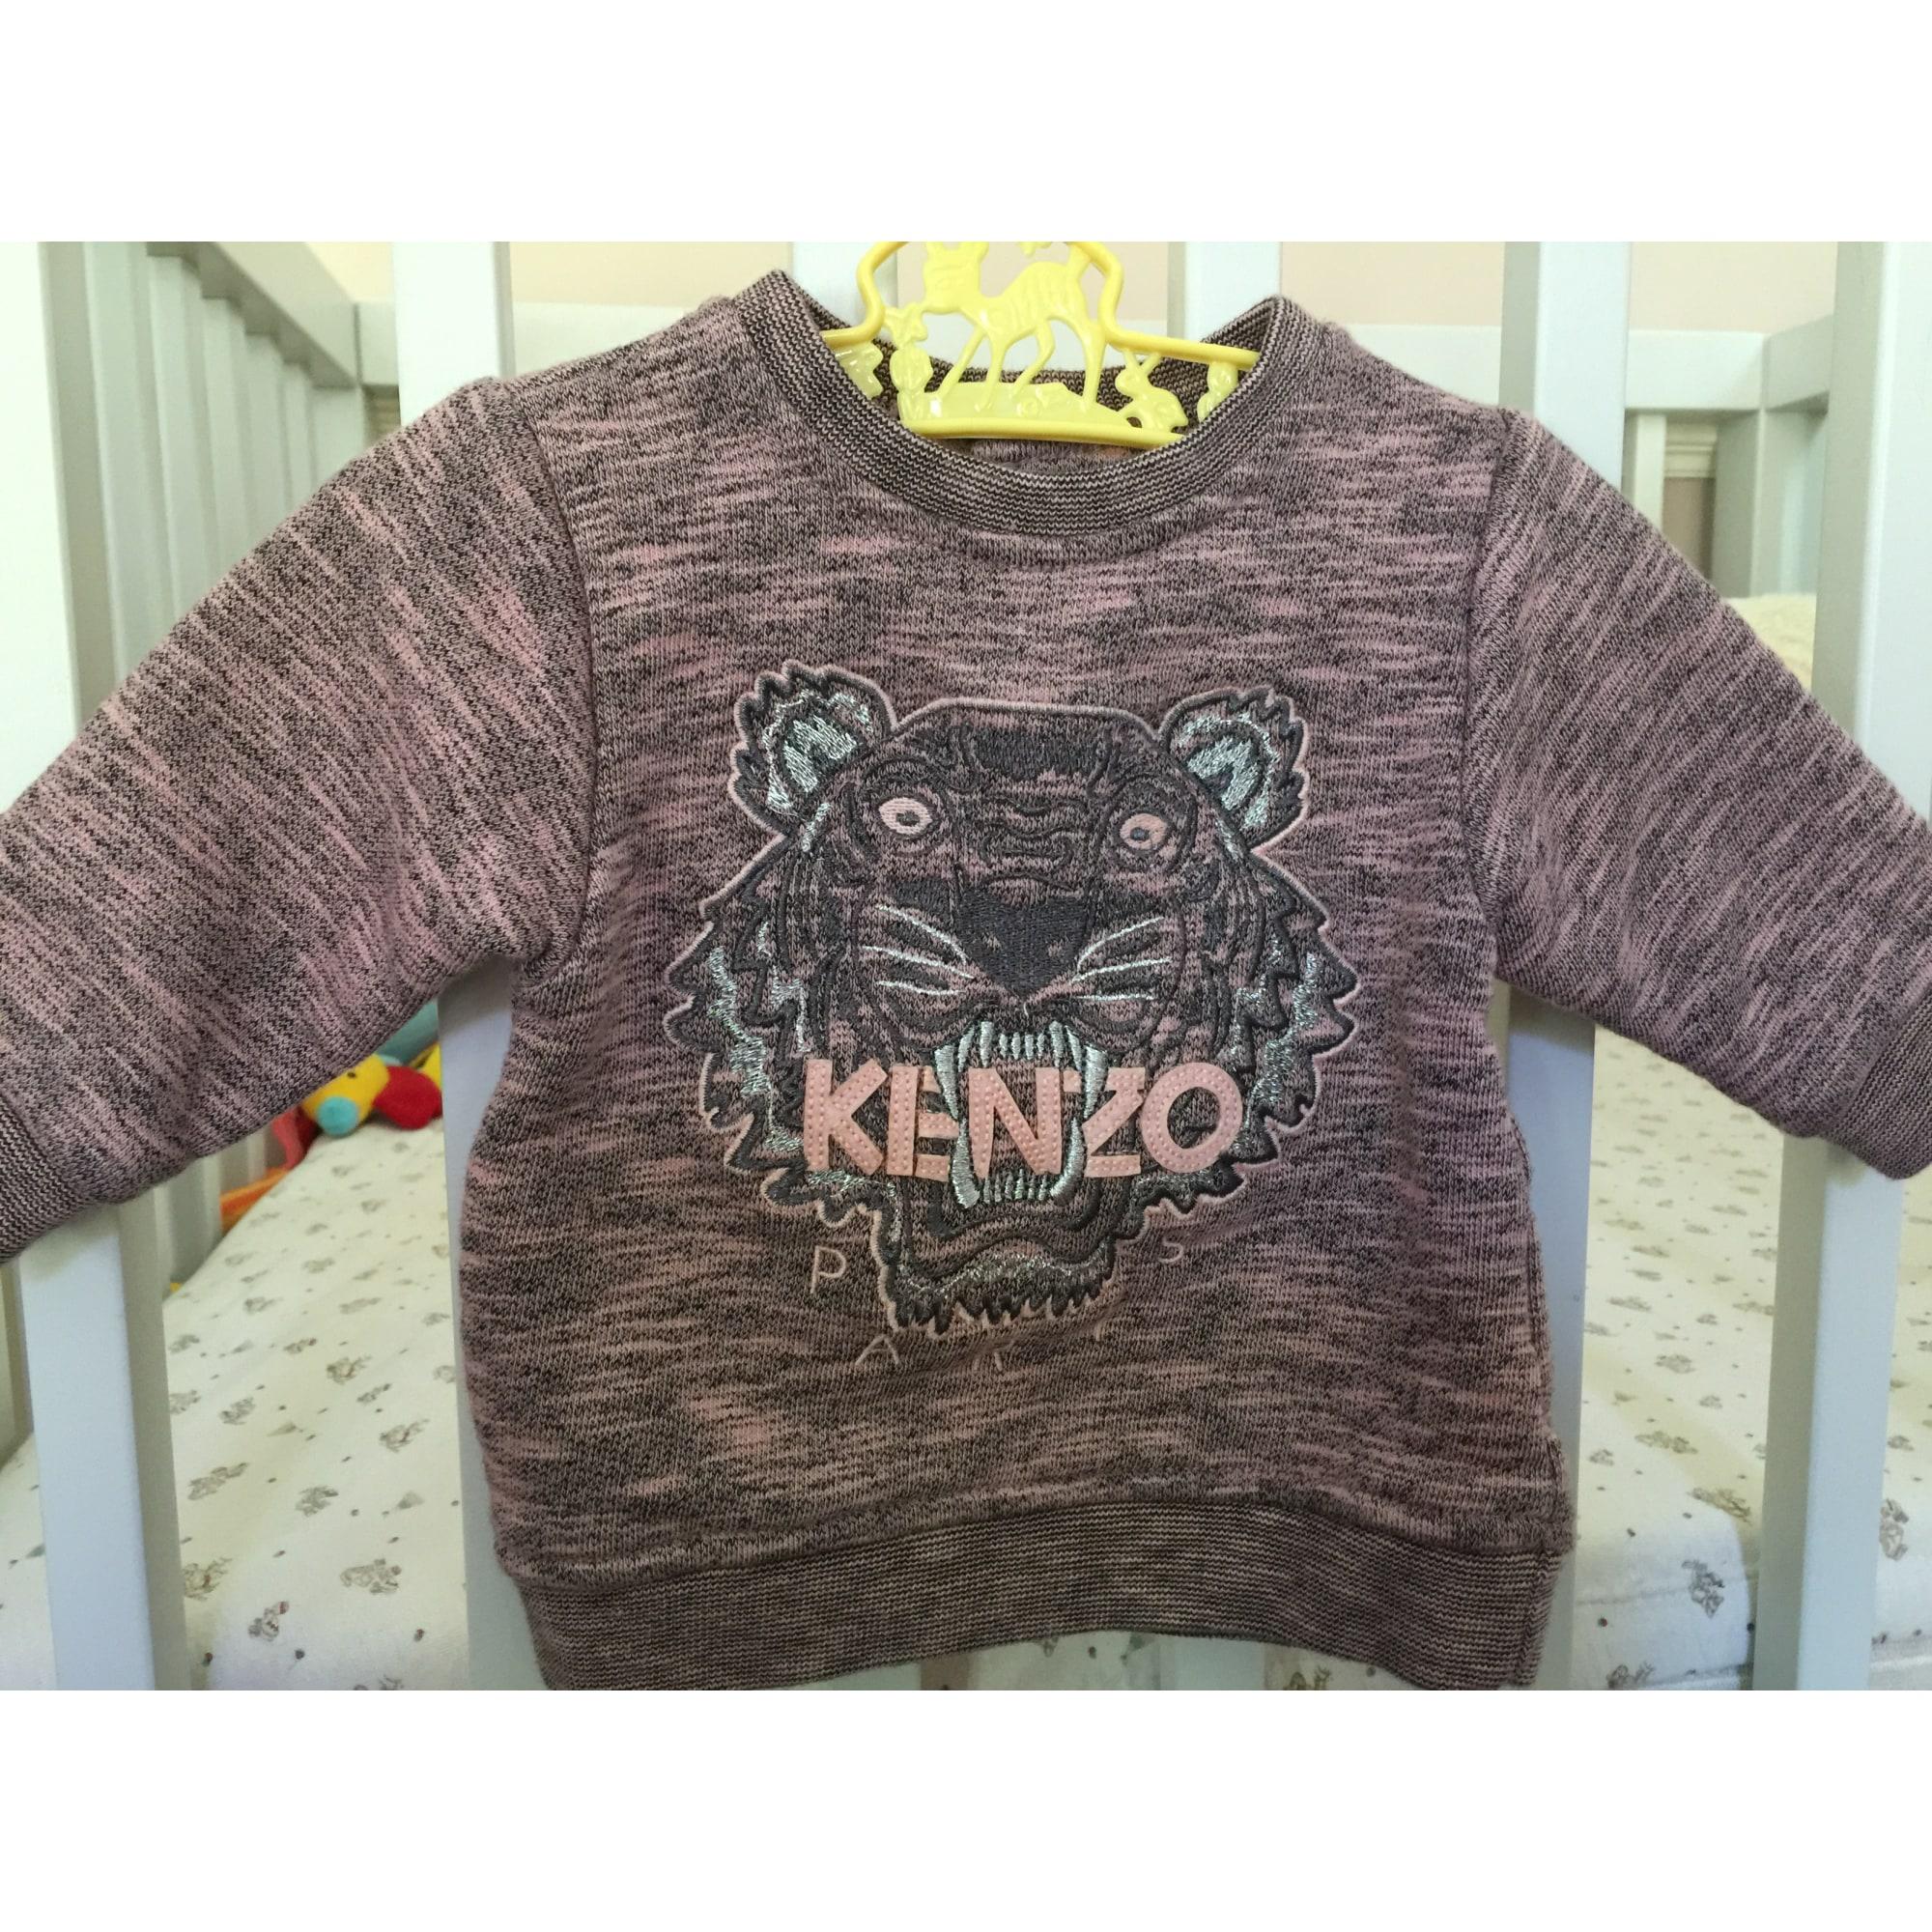 e69d5130806 Sweat KENZO 3 mois rose vendu par Le dressing de cézembre - 4830645